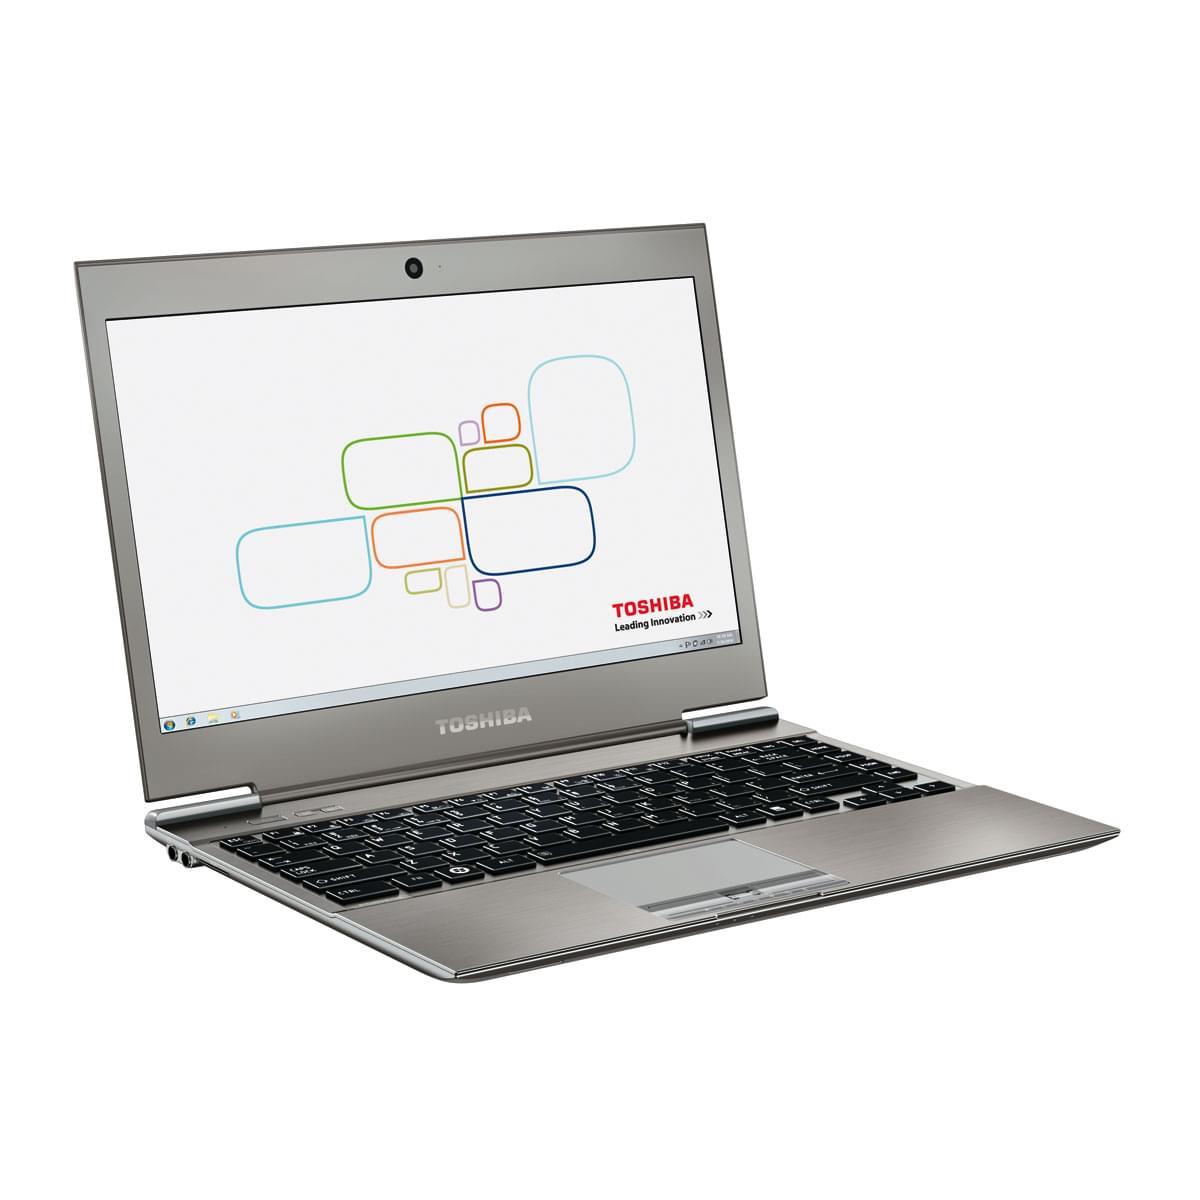 Toshiba Portégé Z930-10T (PT234E-01200DFR) - Achat / Vente PC Portable sur Cybertek.fr - 0